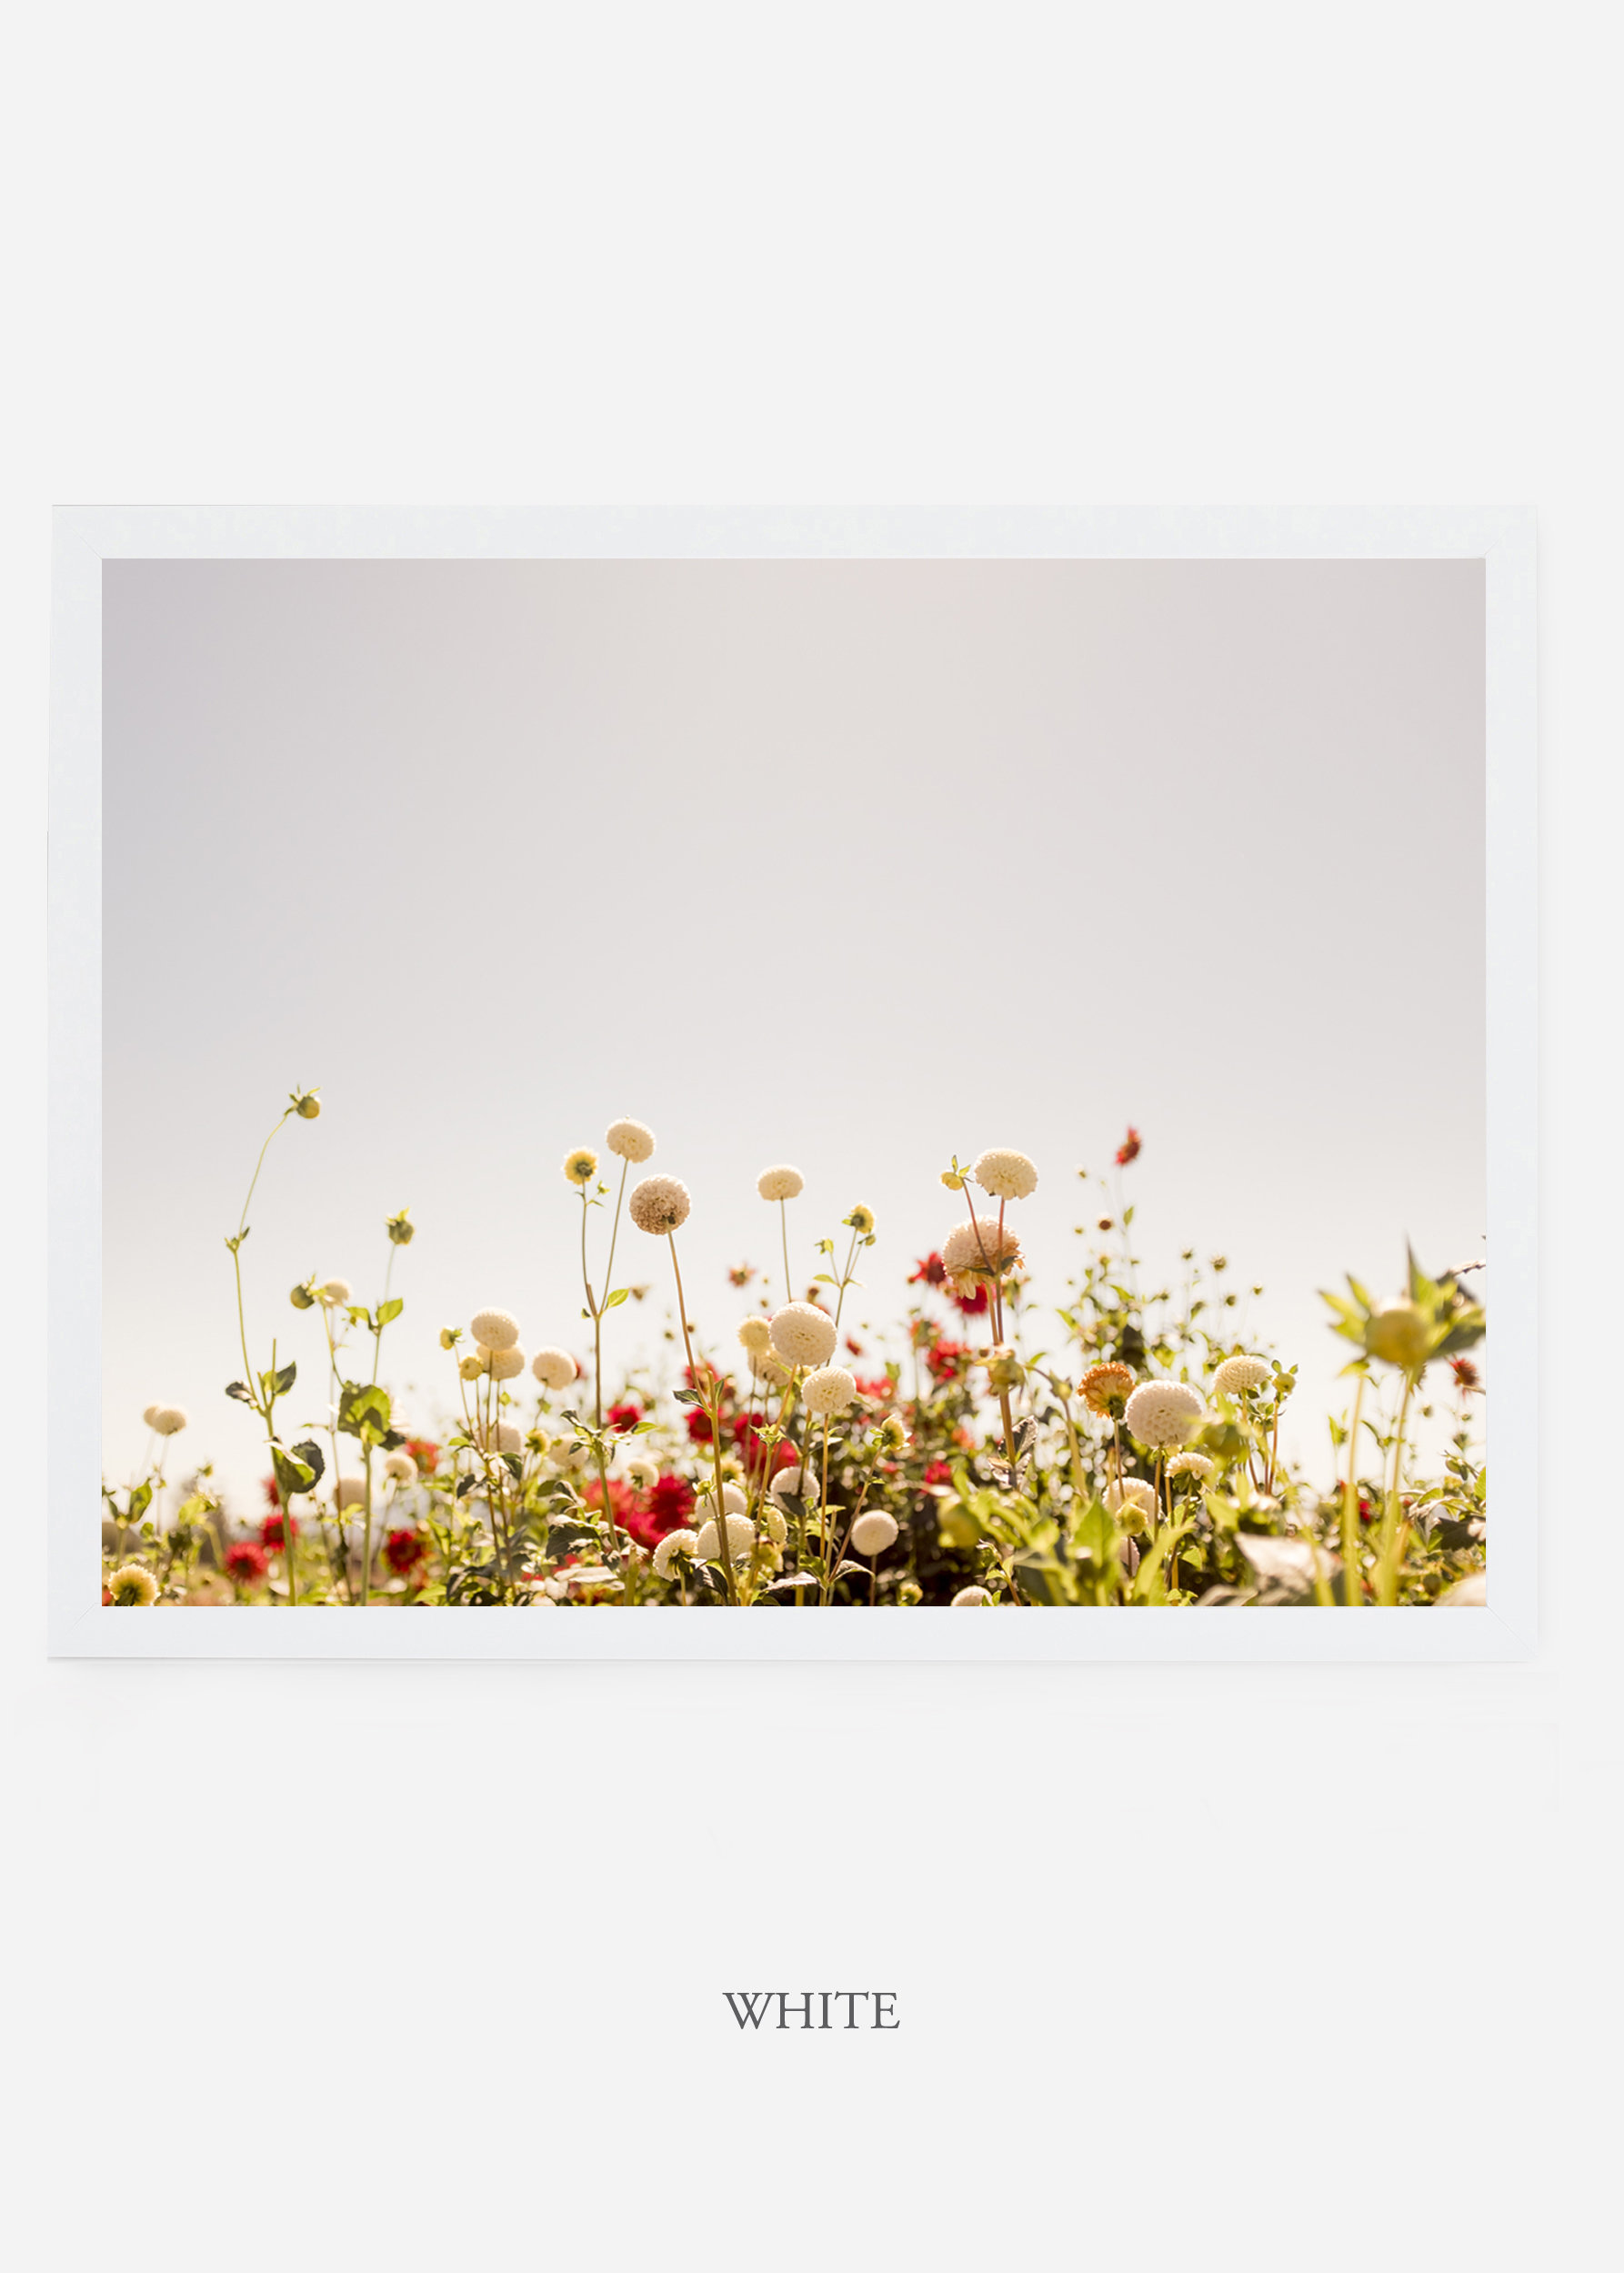 NoMat-WhiteFrame-DahliaNo.5-Wilder-California-Art-Floral-Home-decor-Prints-Dahlia-Botanical-Artwork-Interior-design.jpg